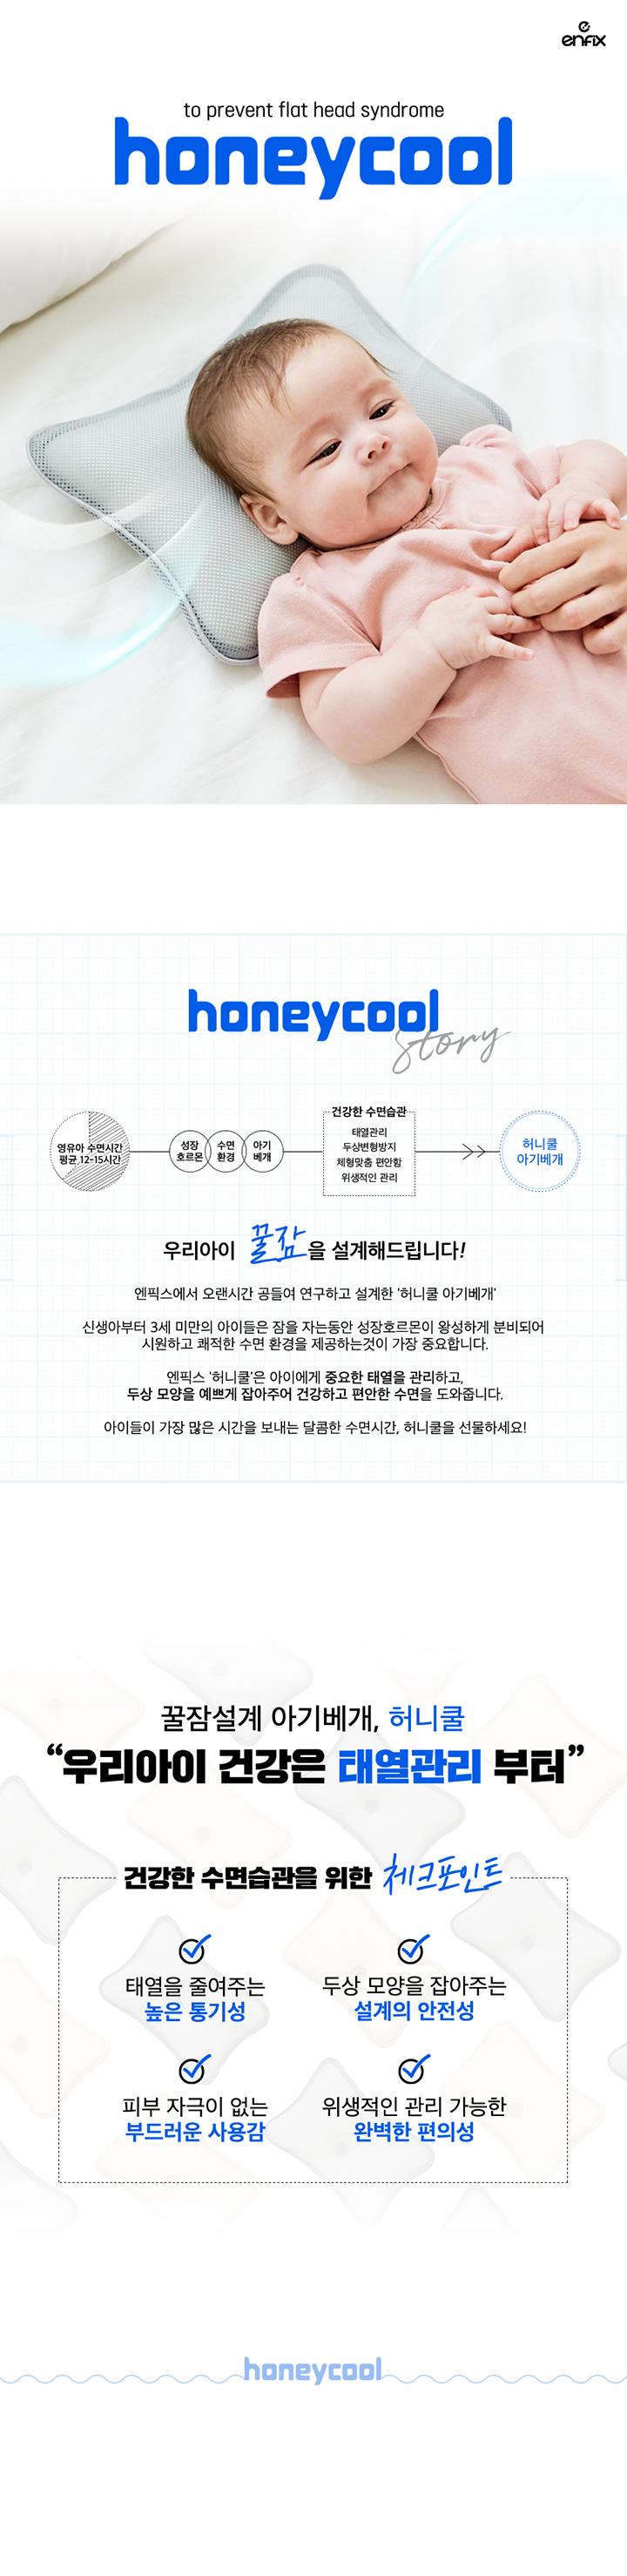 Honeycool_1.jpg